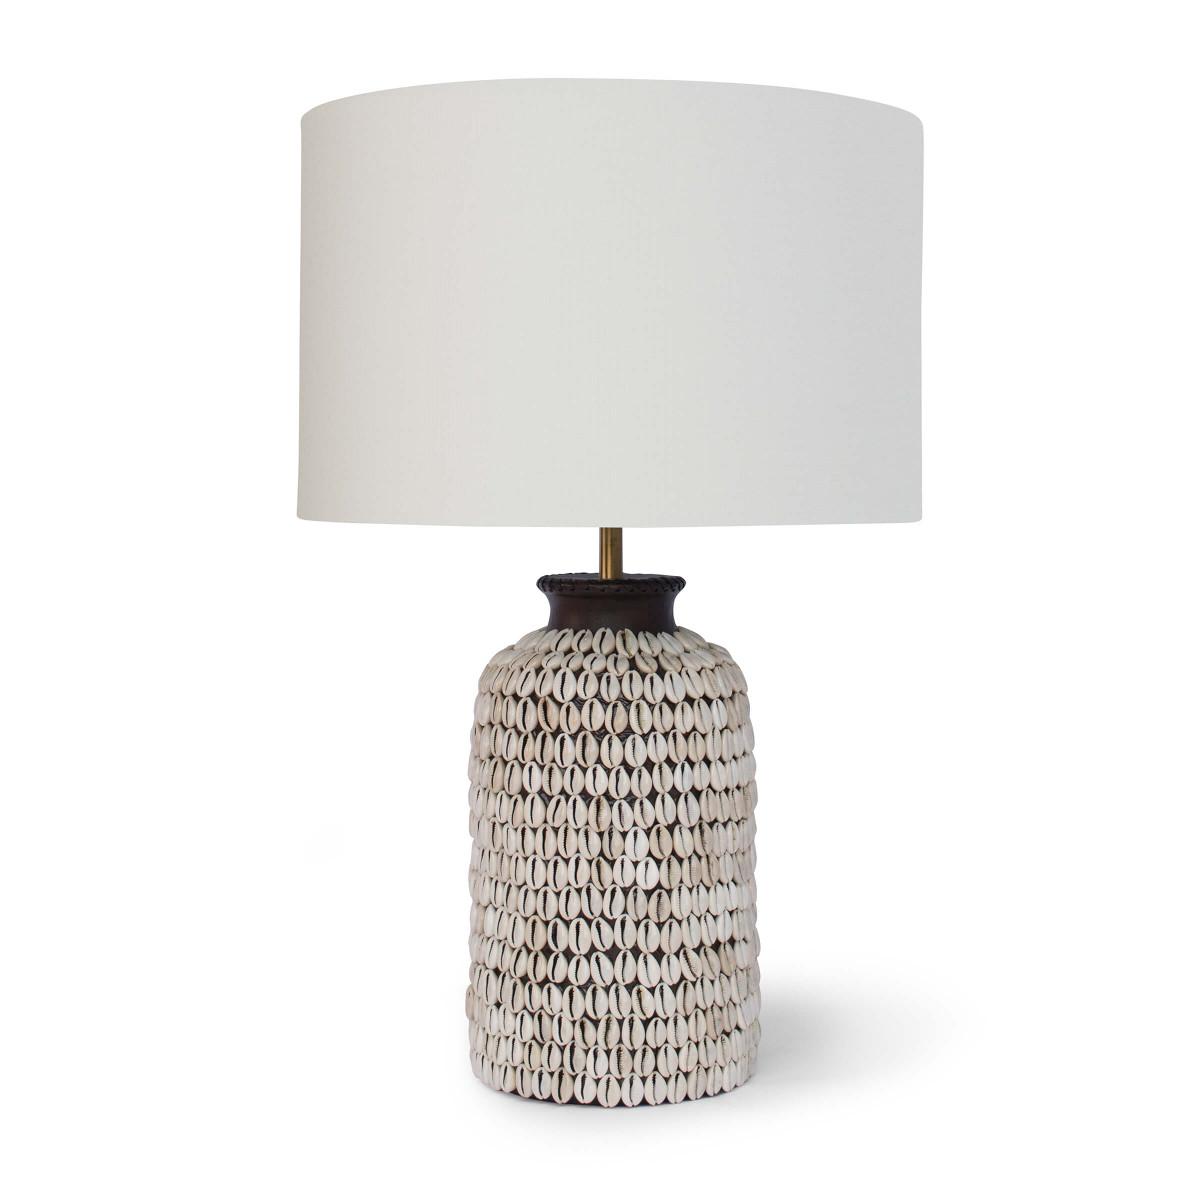 Costa Lamp